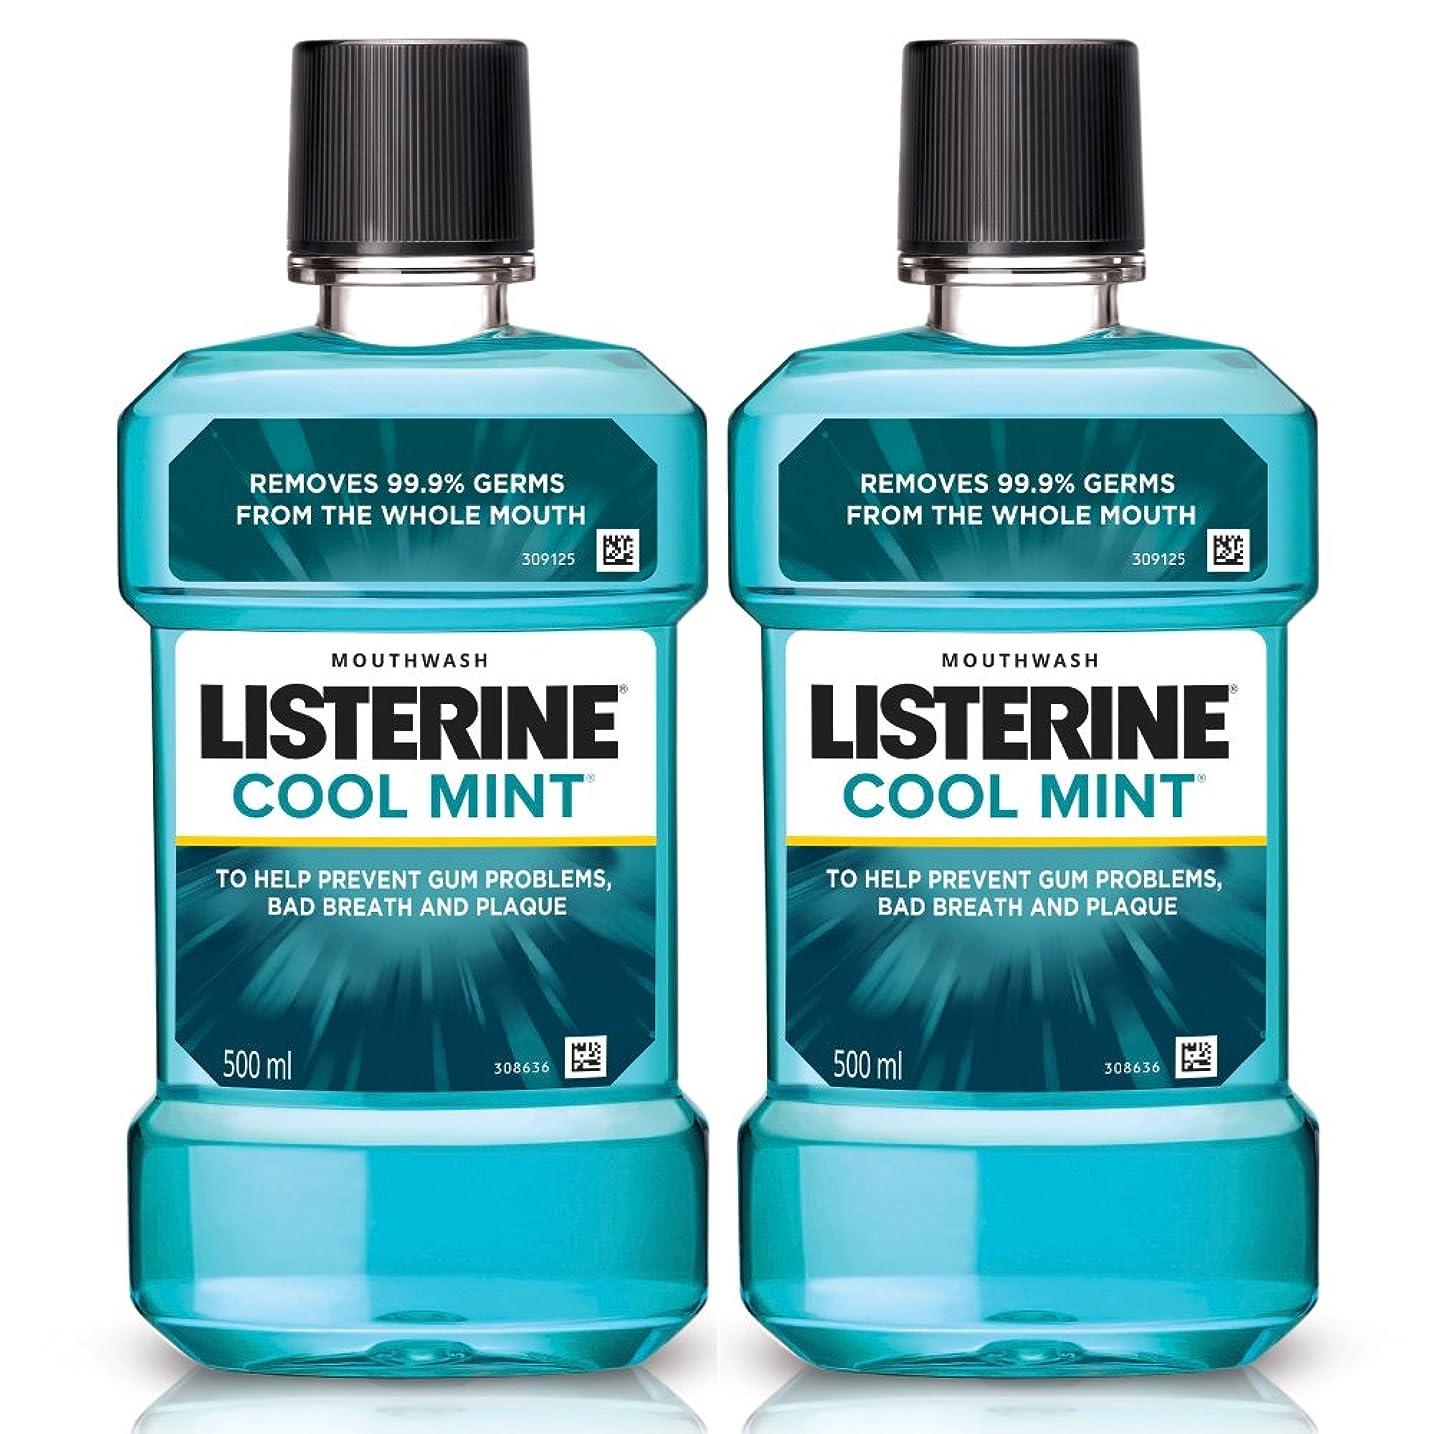 すみませんサドルエトナ山Listerine Cool Mint Mouthwash 500ml (Pack of 2)